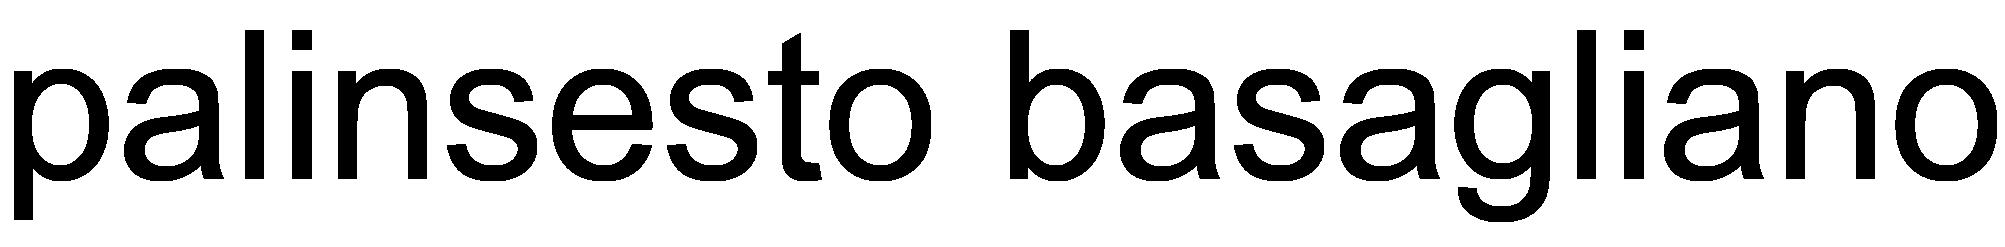 Palinsesto Basagliano